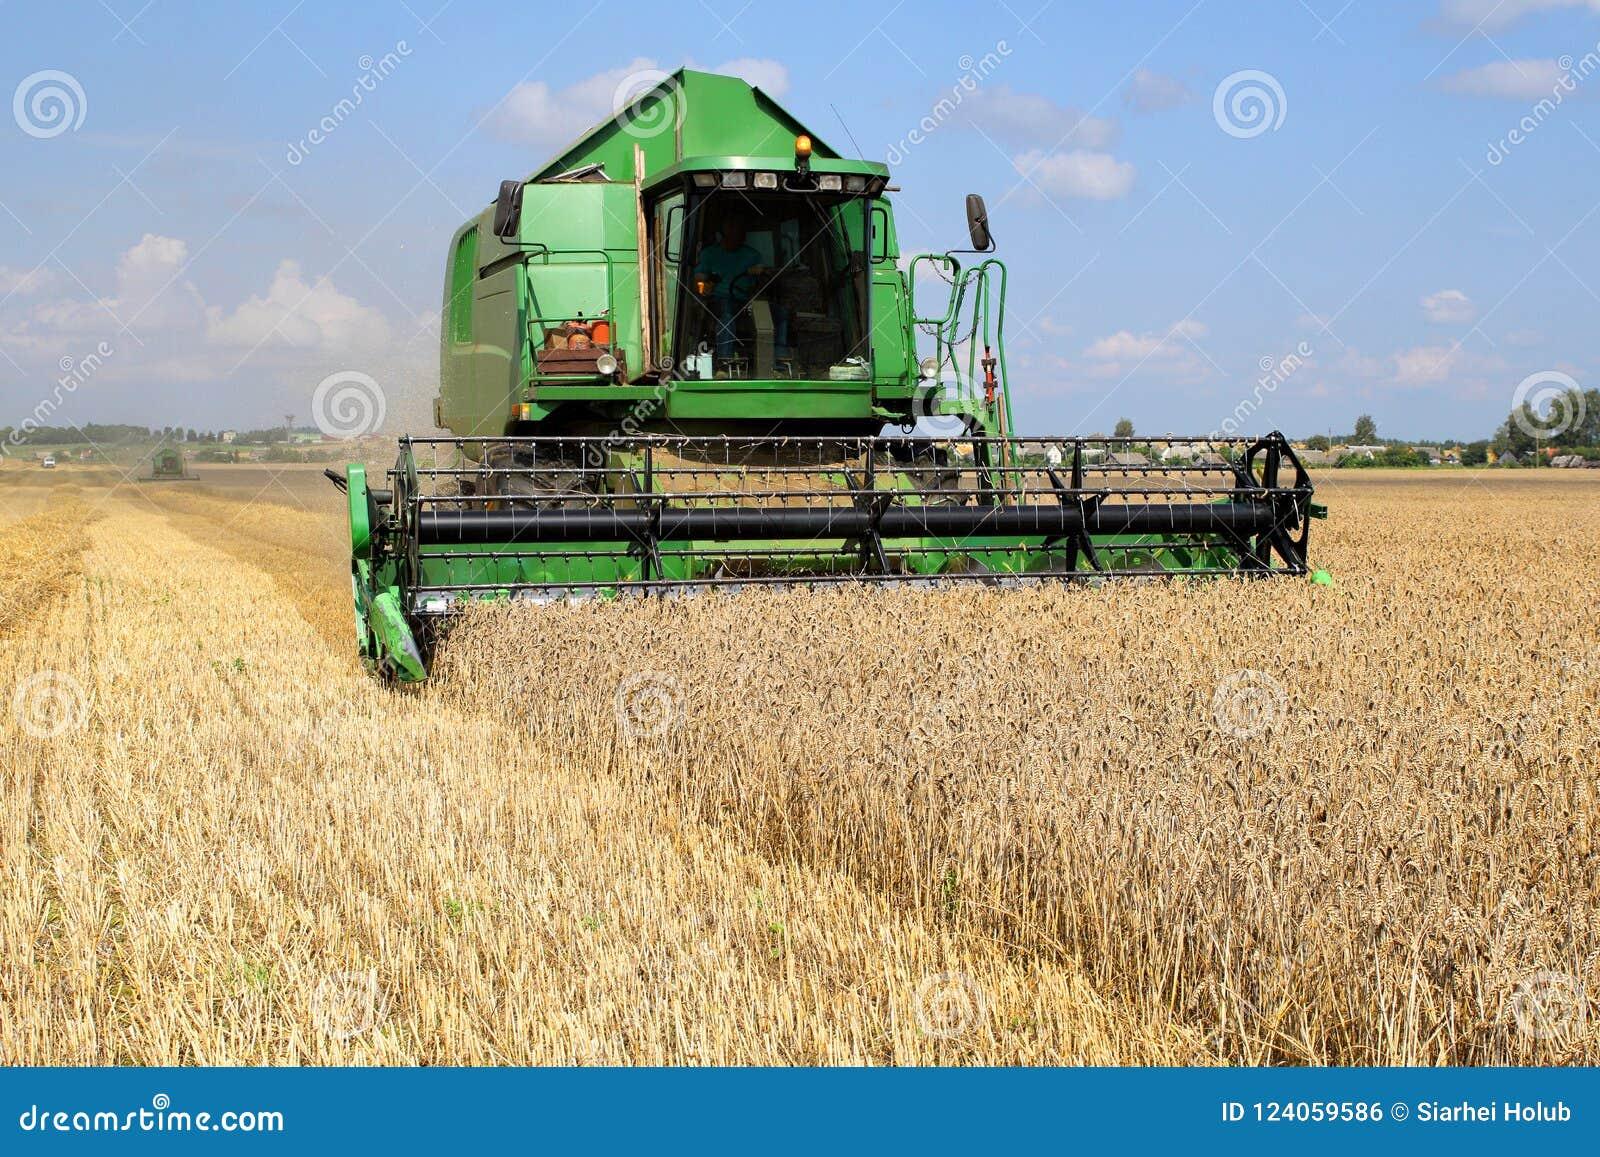 Groen maaidorser verwijdert tarwe uit het gebied op een zonnige dag